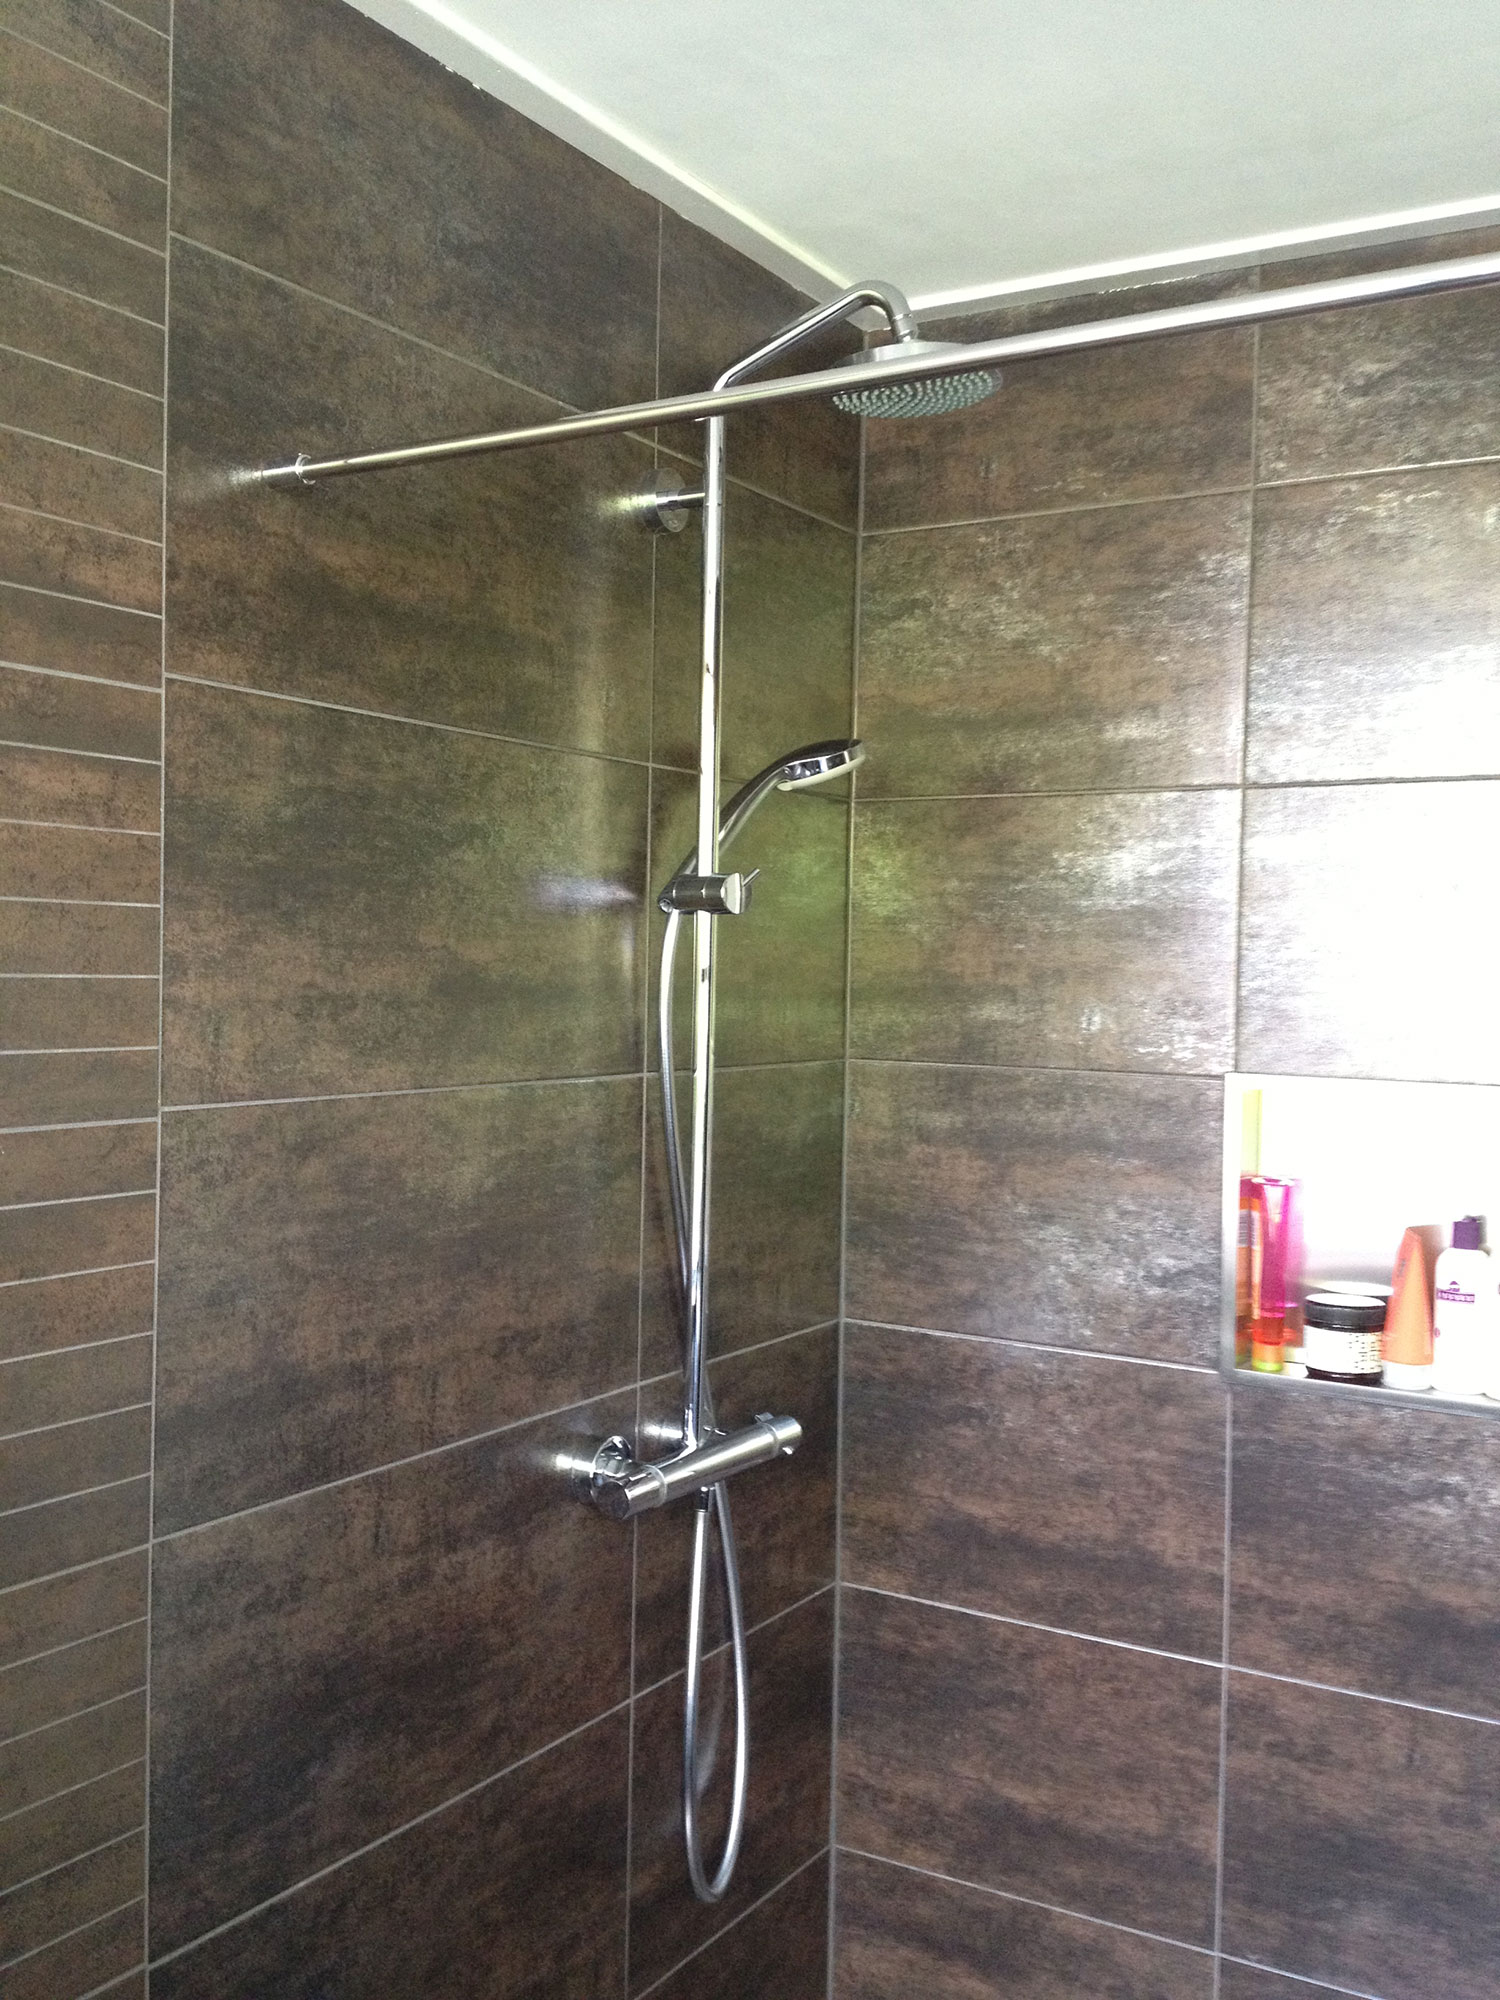 Badkamer Enschede (roest) | Installatiebedrijf R. van Baren